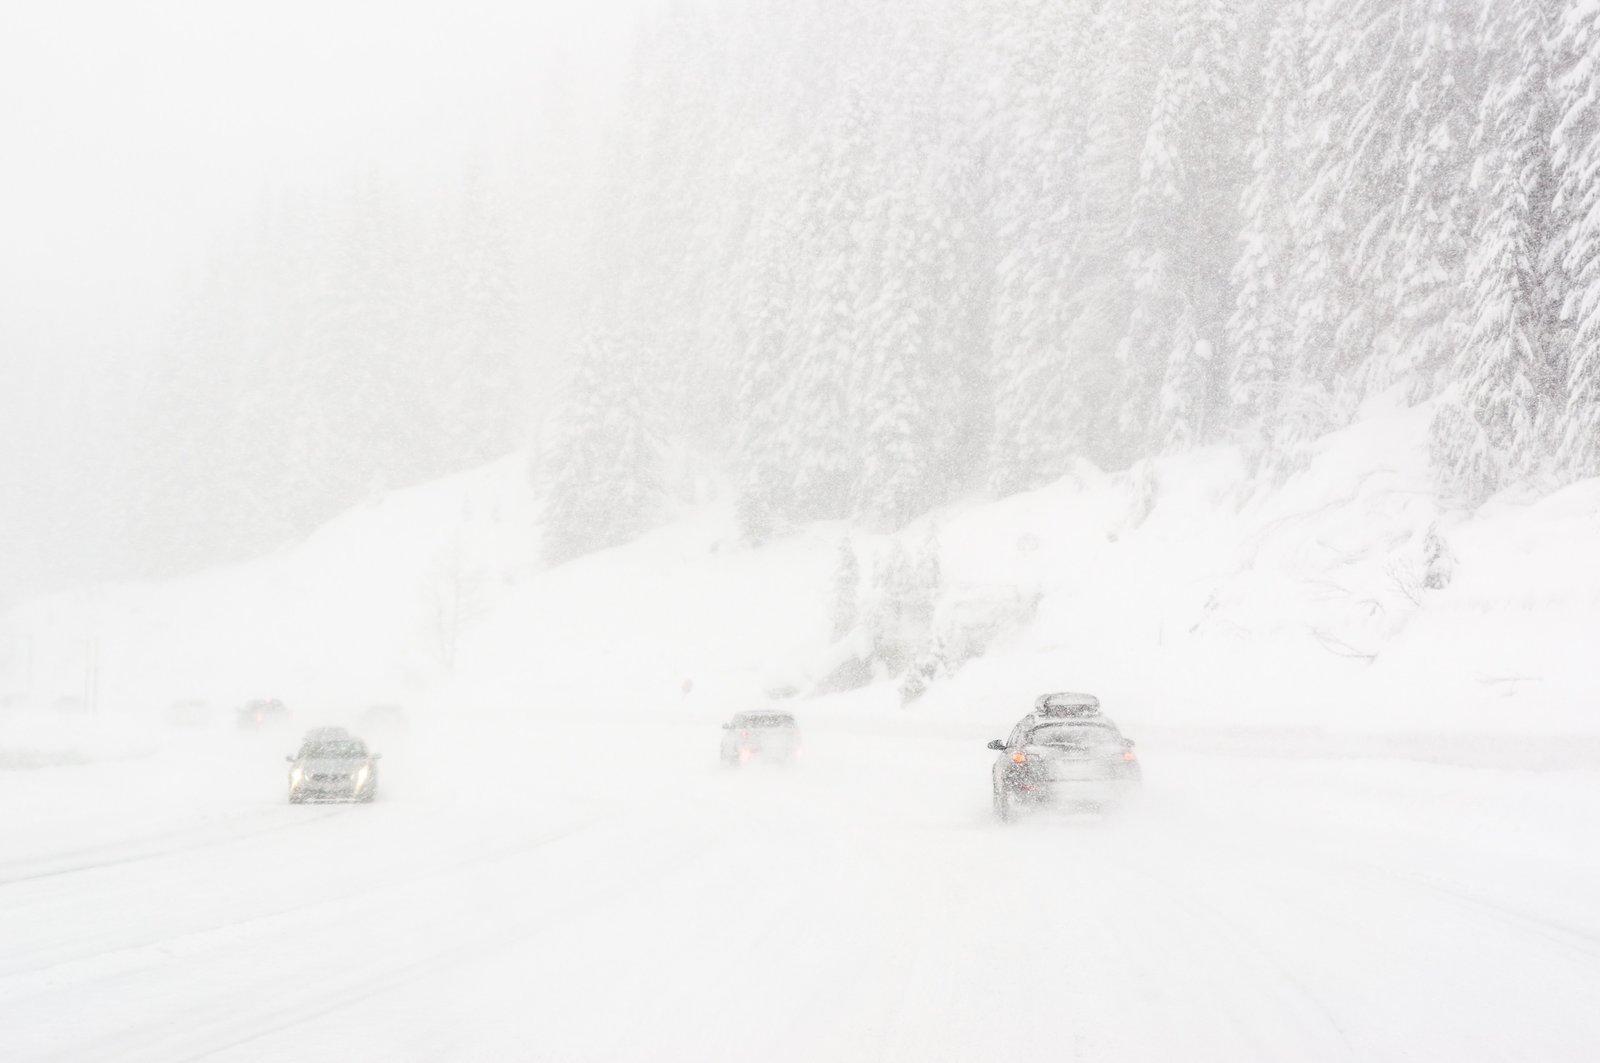 雪の中での運転